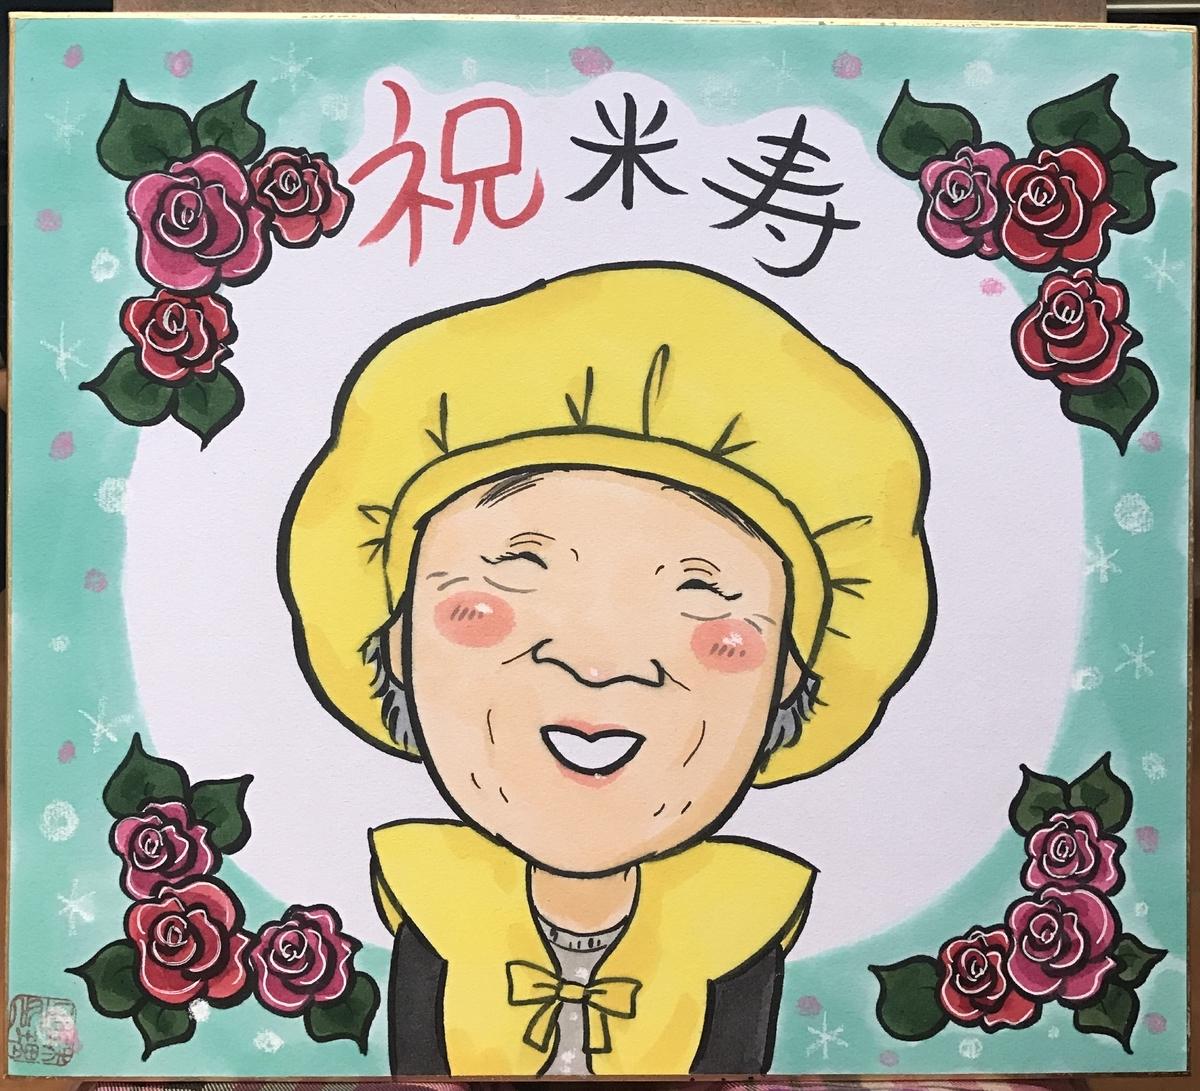 米寿祝い似顔絵 北海道札幌の似顔絵作家高井じゅり 似顔絵ファクトリー